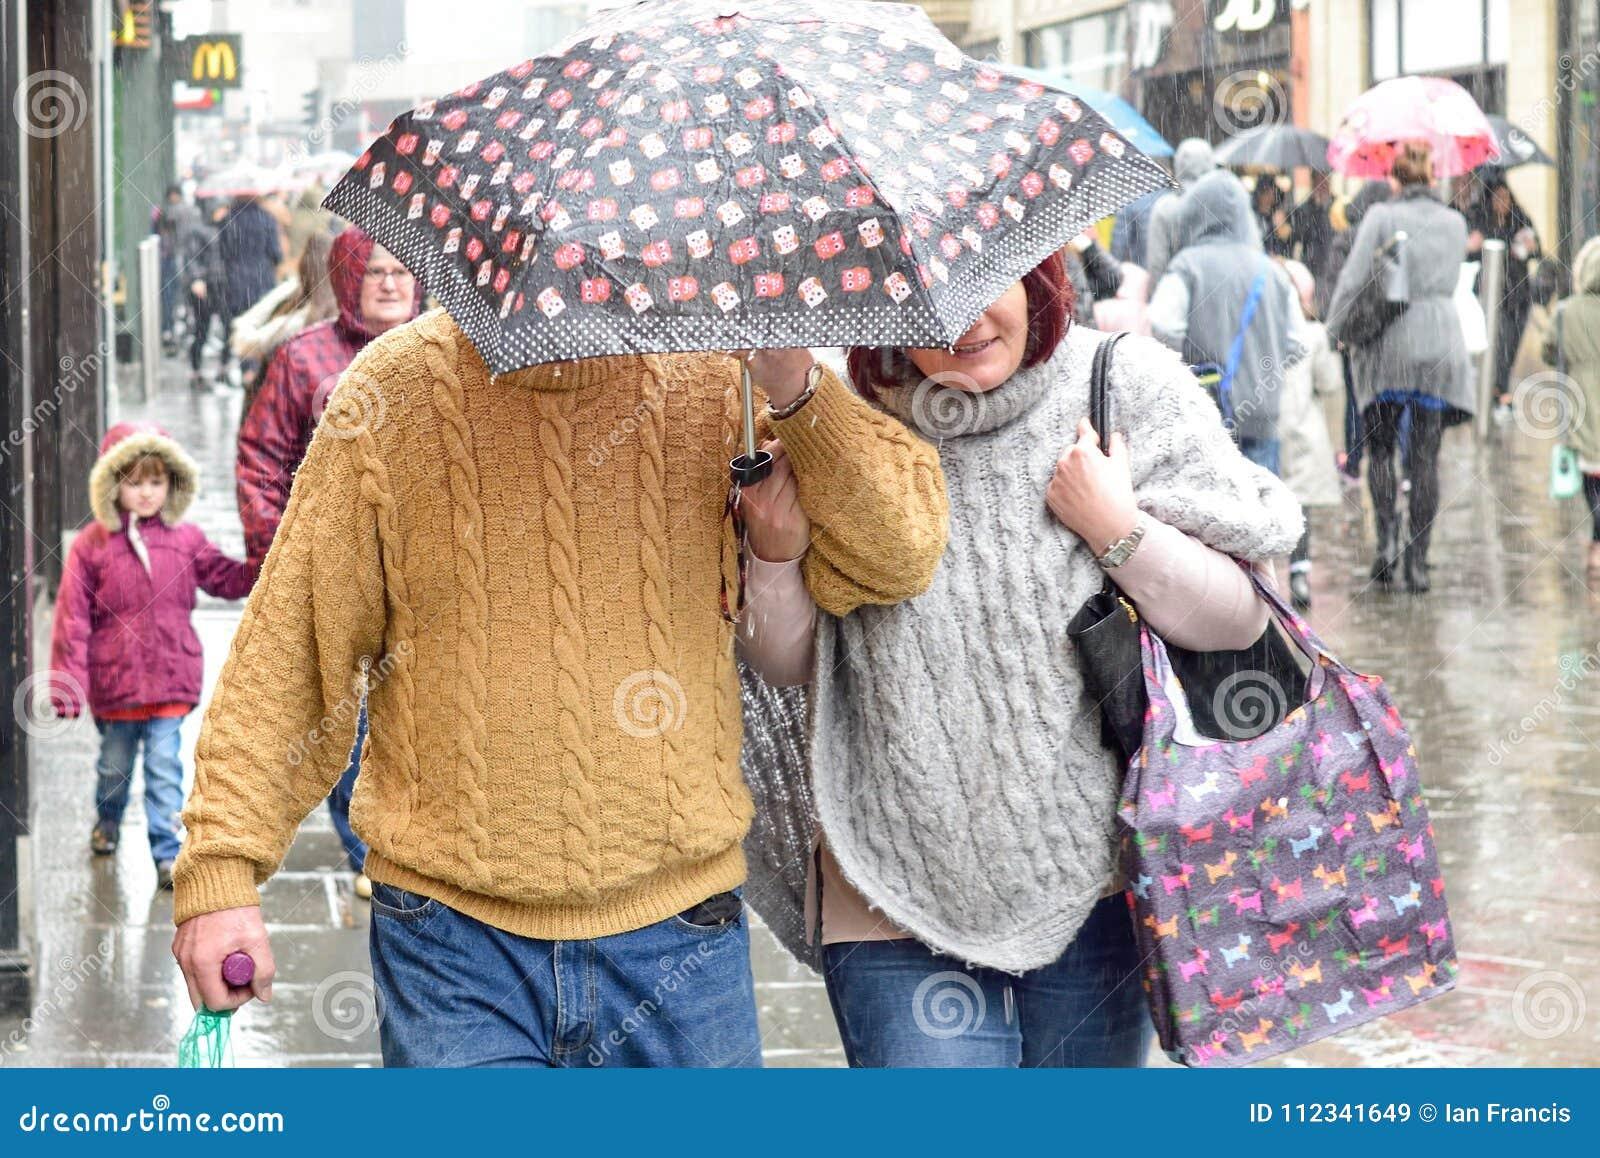 Koppla ihop skyddet under paraplyet i hällregn i, UK